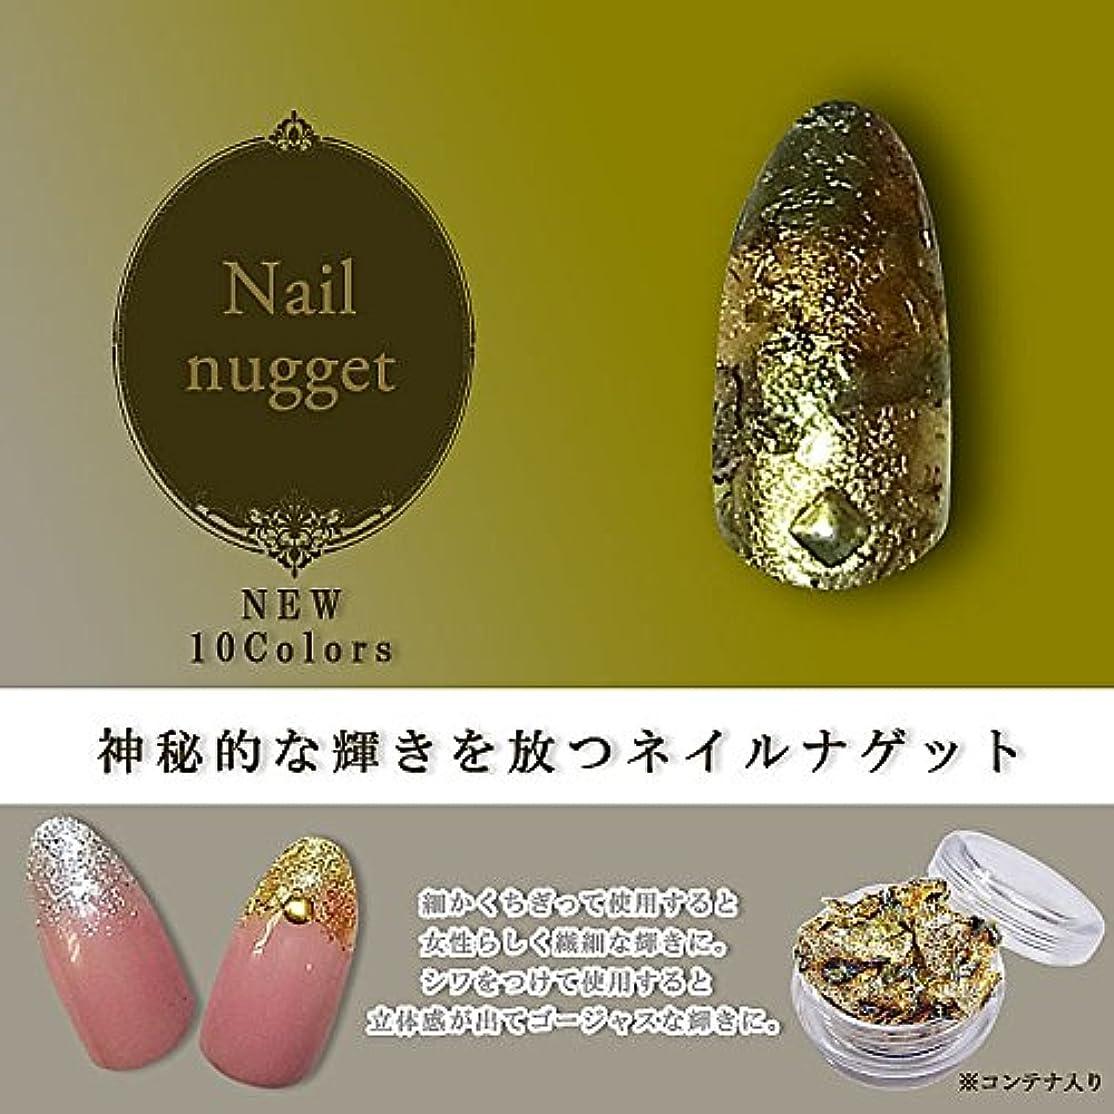 太いおとこ起点ネイルナゲット(ネイルホイル) 金箔 銀箔 選べる全10色 (#01)